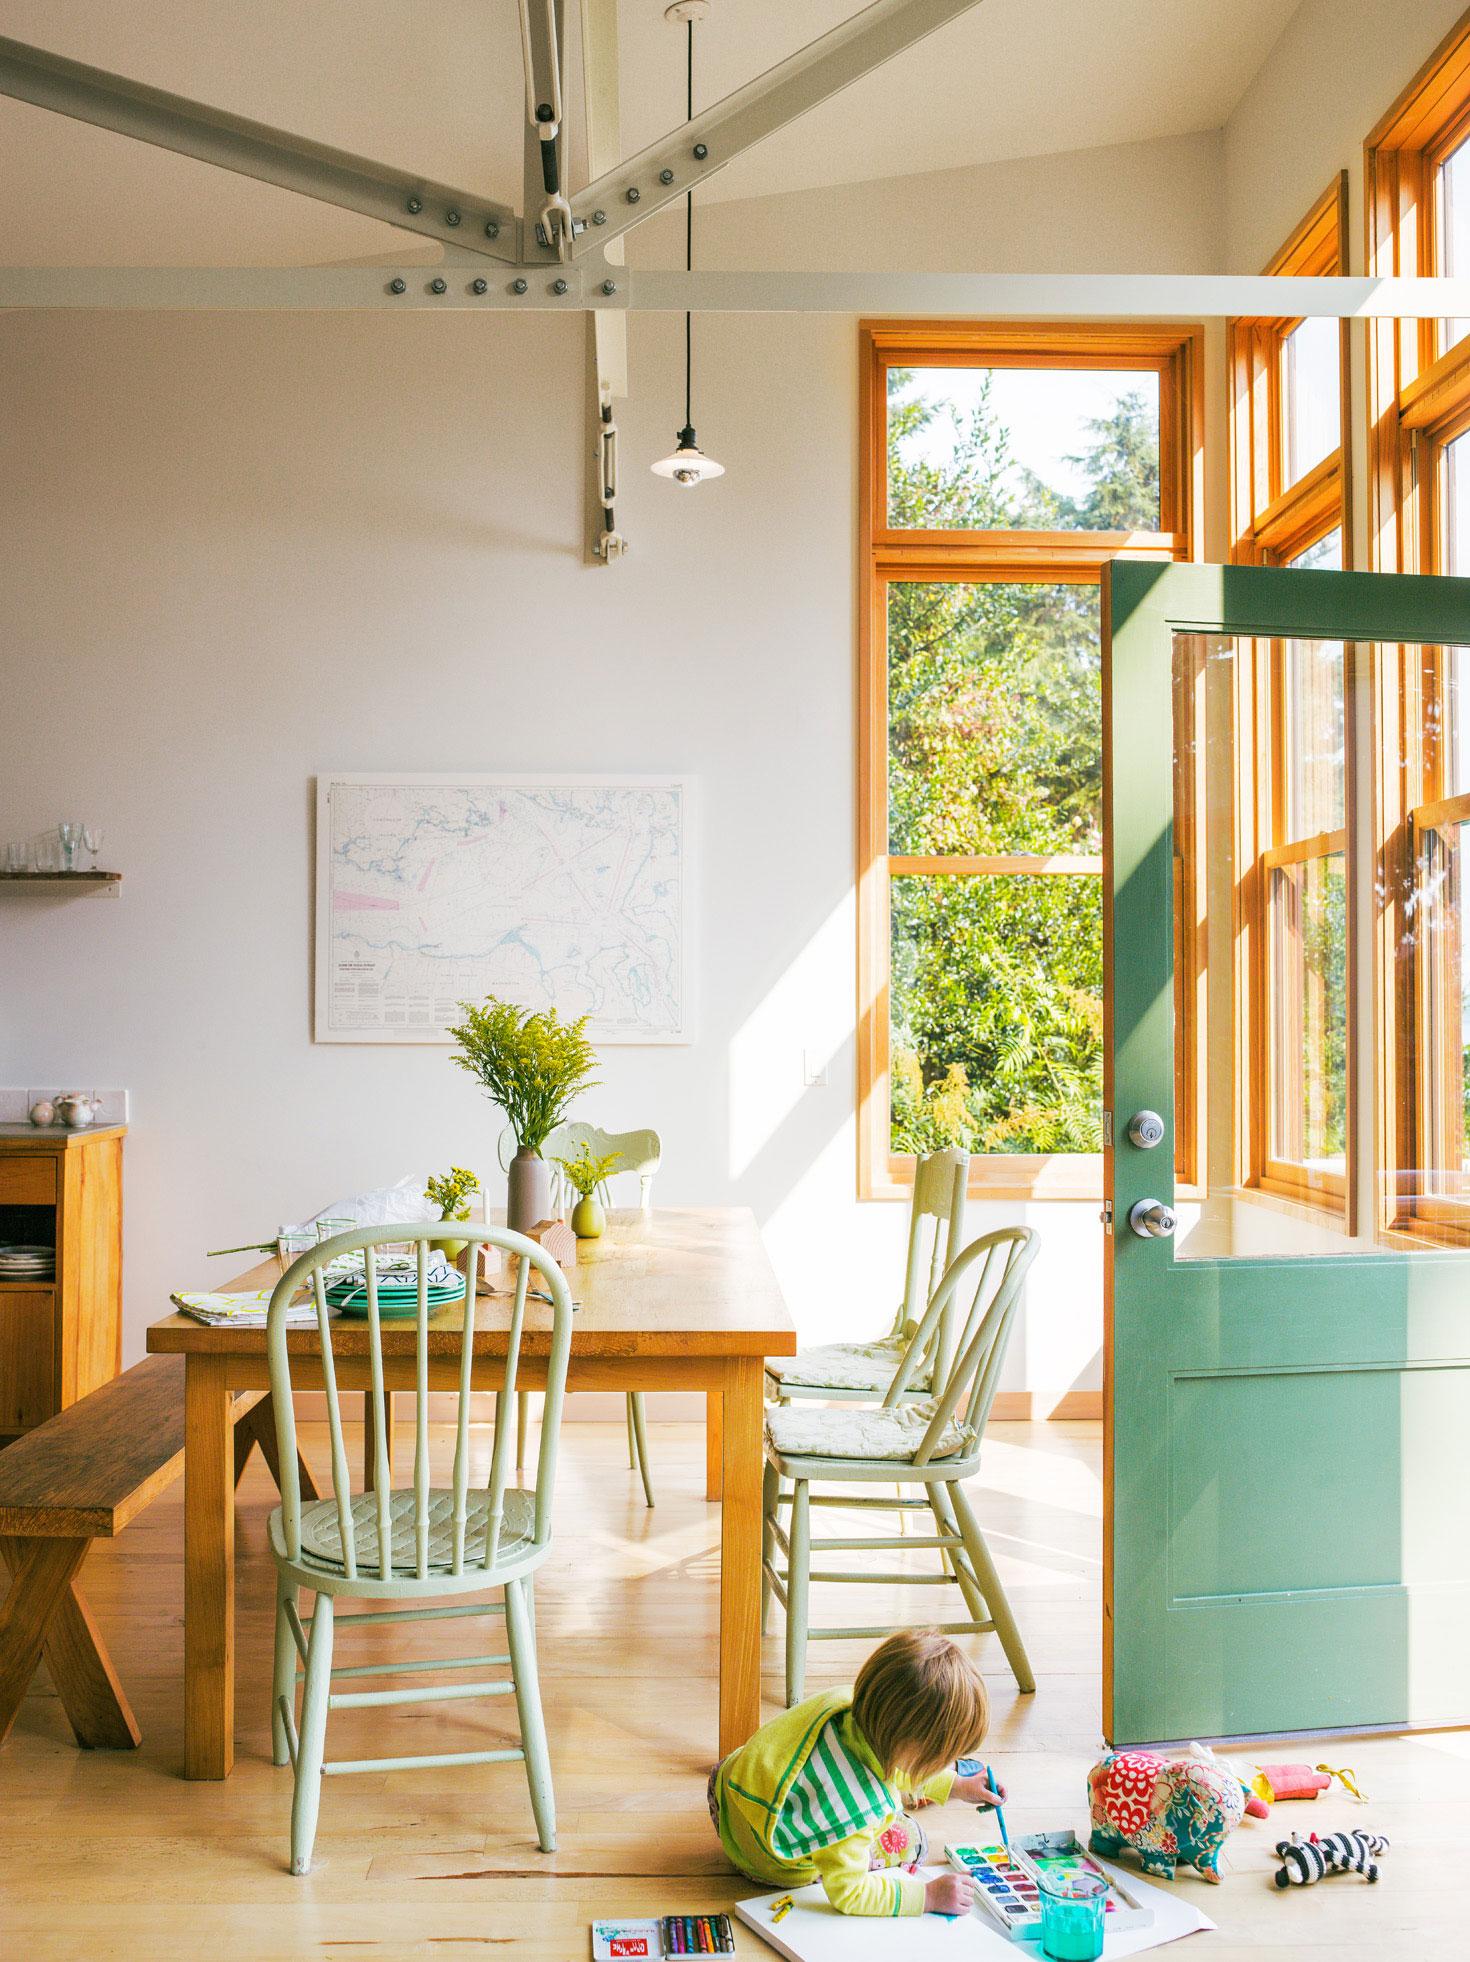 10 Cottage-Style Decorating Ideas - Sunset Magazine